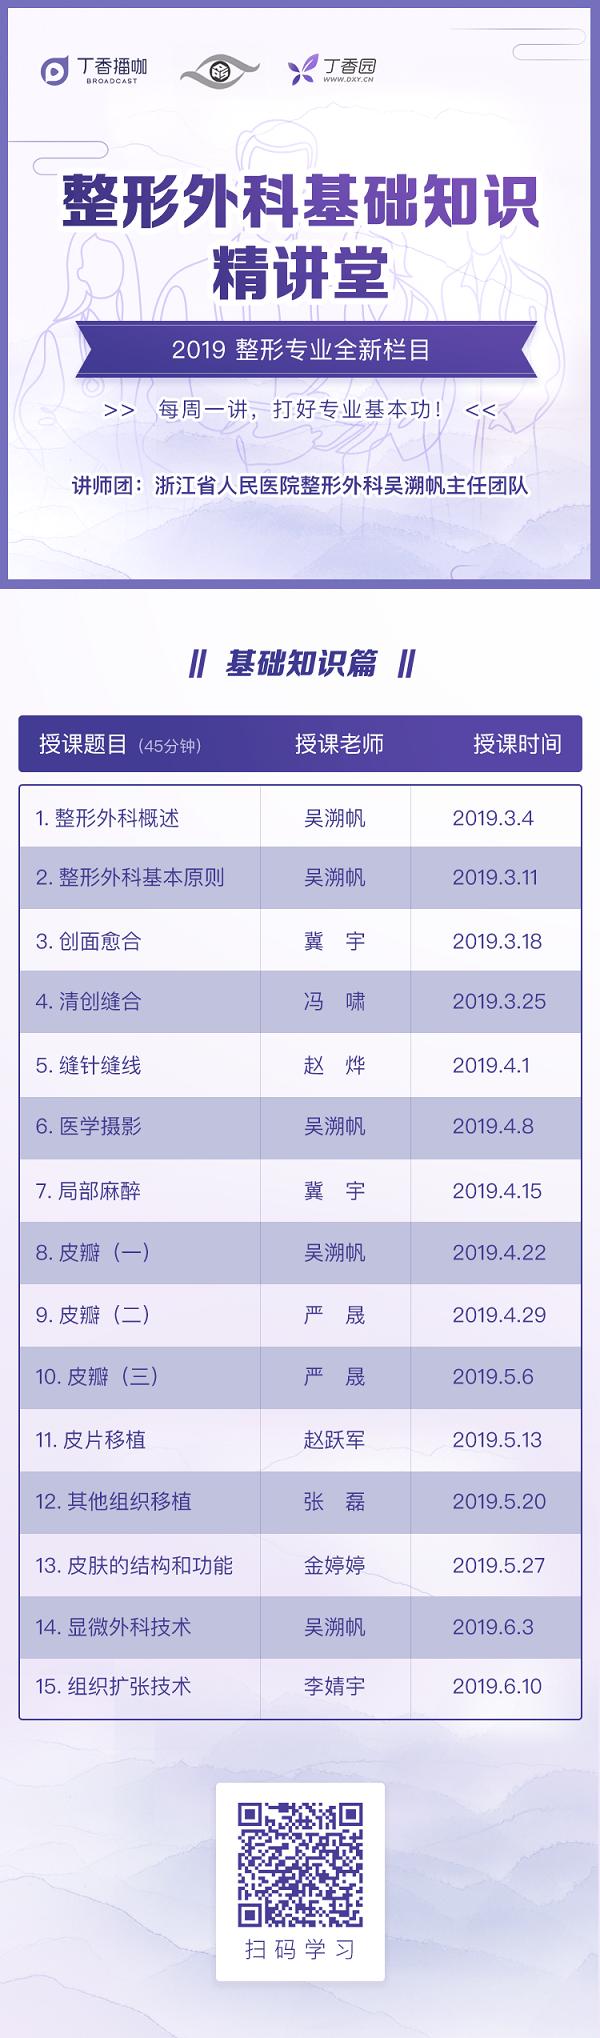 1-课程表-基础知识篇(1).png